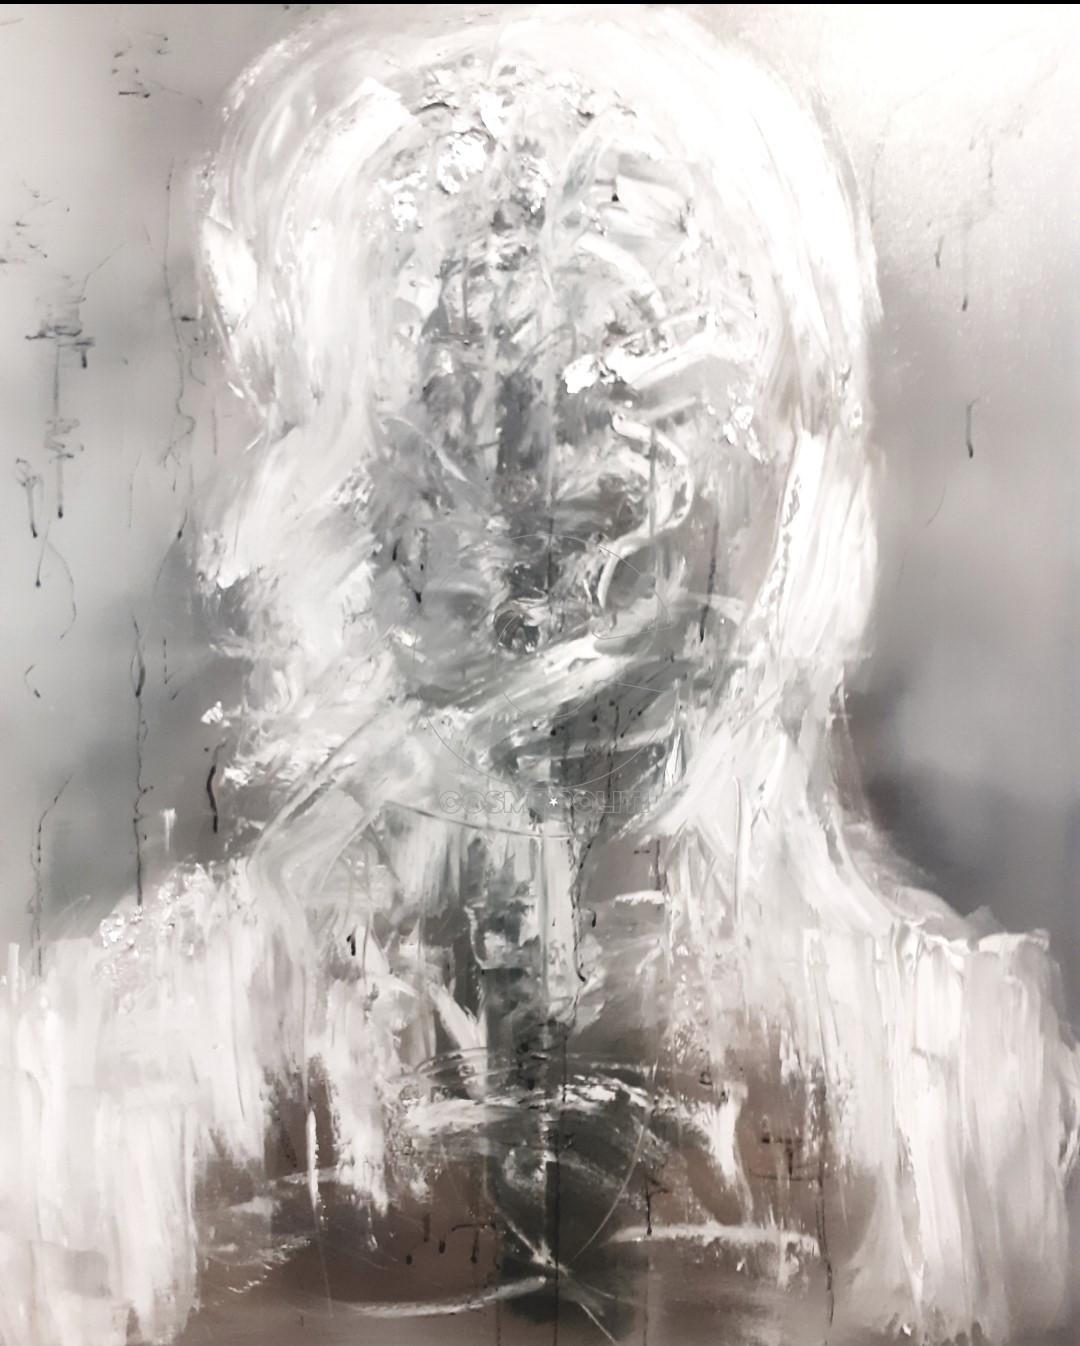 Κέλη Μελά - Keli Mela, OK Handstrap, 100x90cm, Λάδι, μελάνι, φύλλα ασήμι - Oil, ink, silver leaves